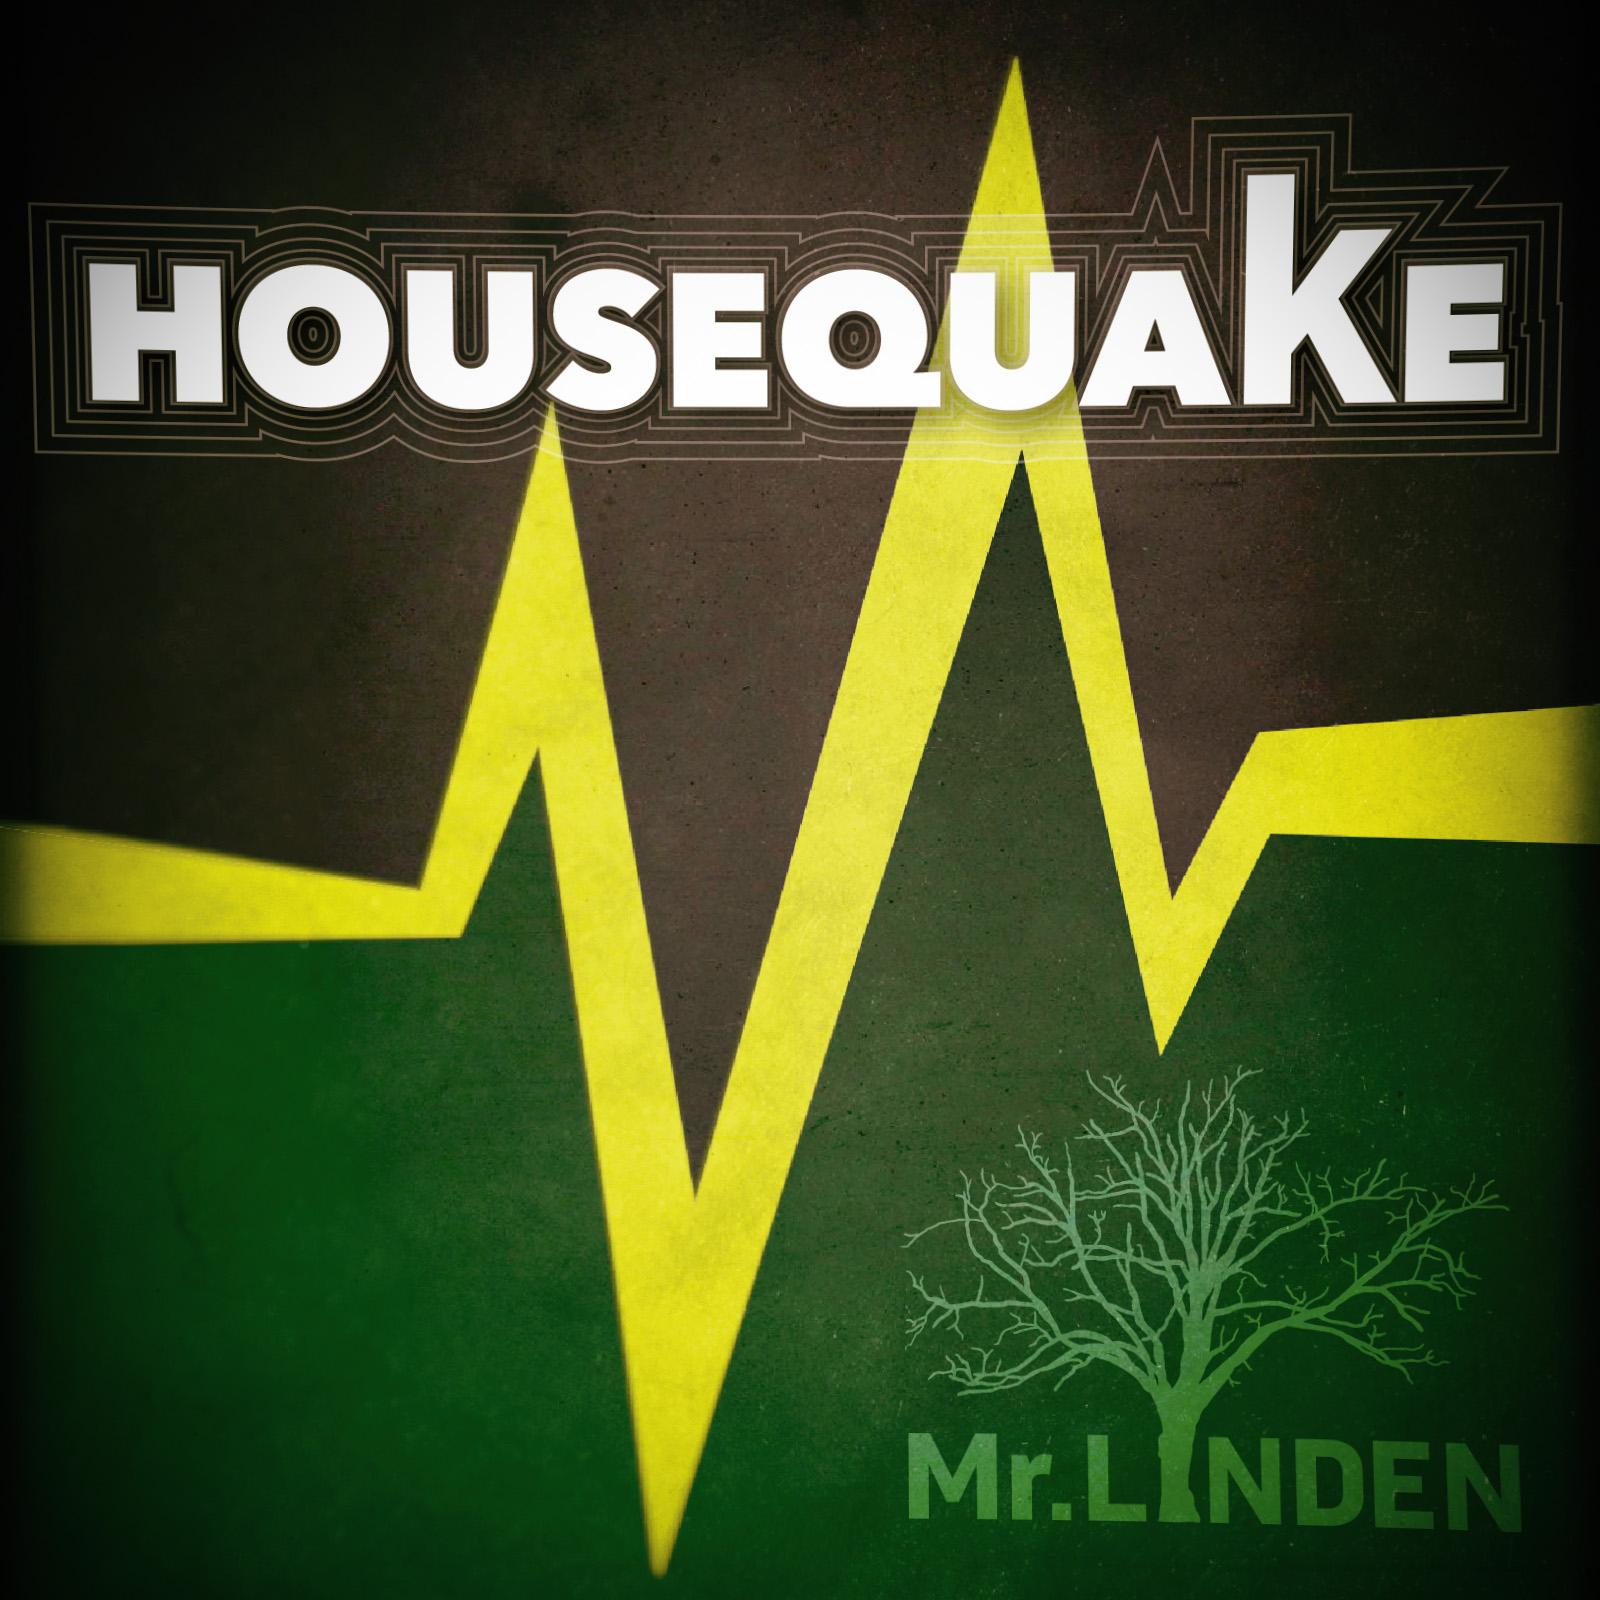 HouseQuake mix